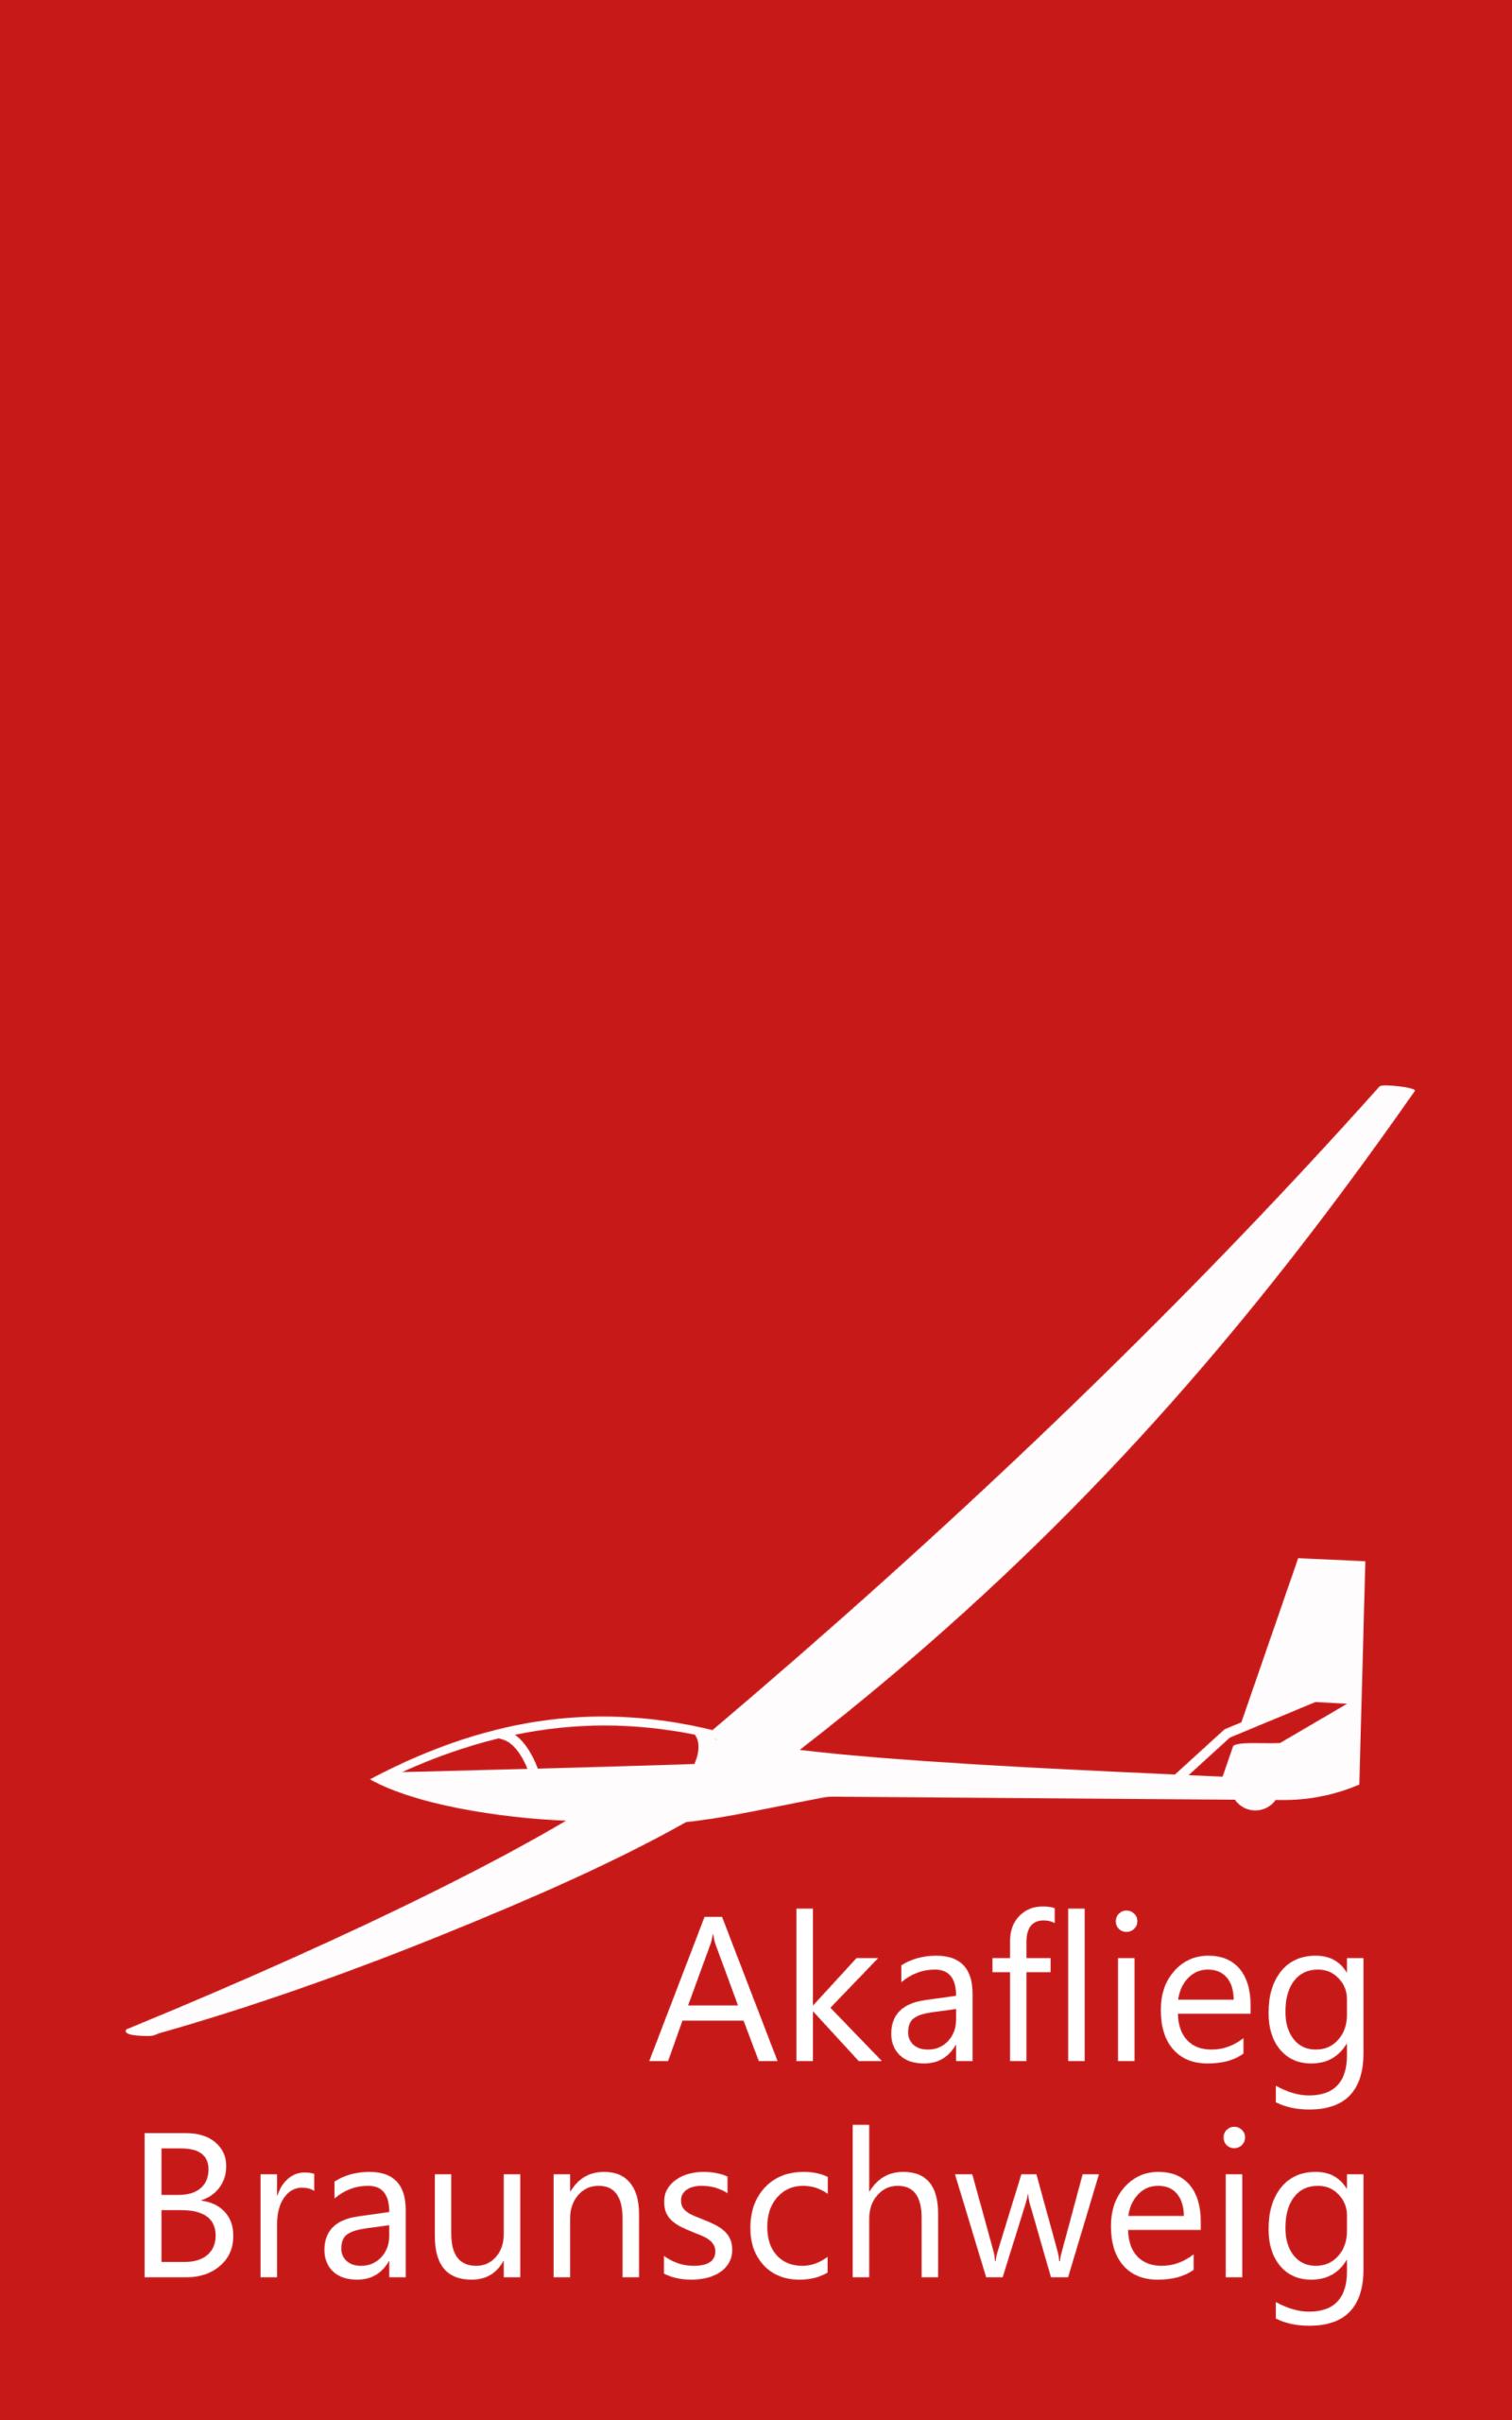 Logo Akaflieg Braunschweig hochkant